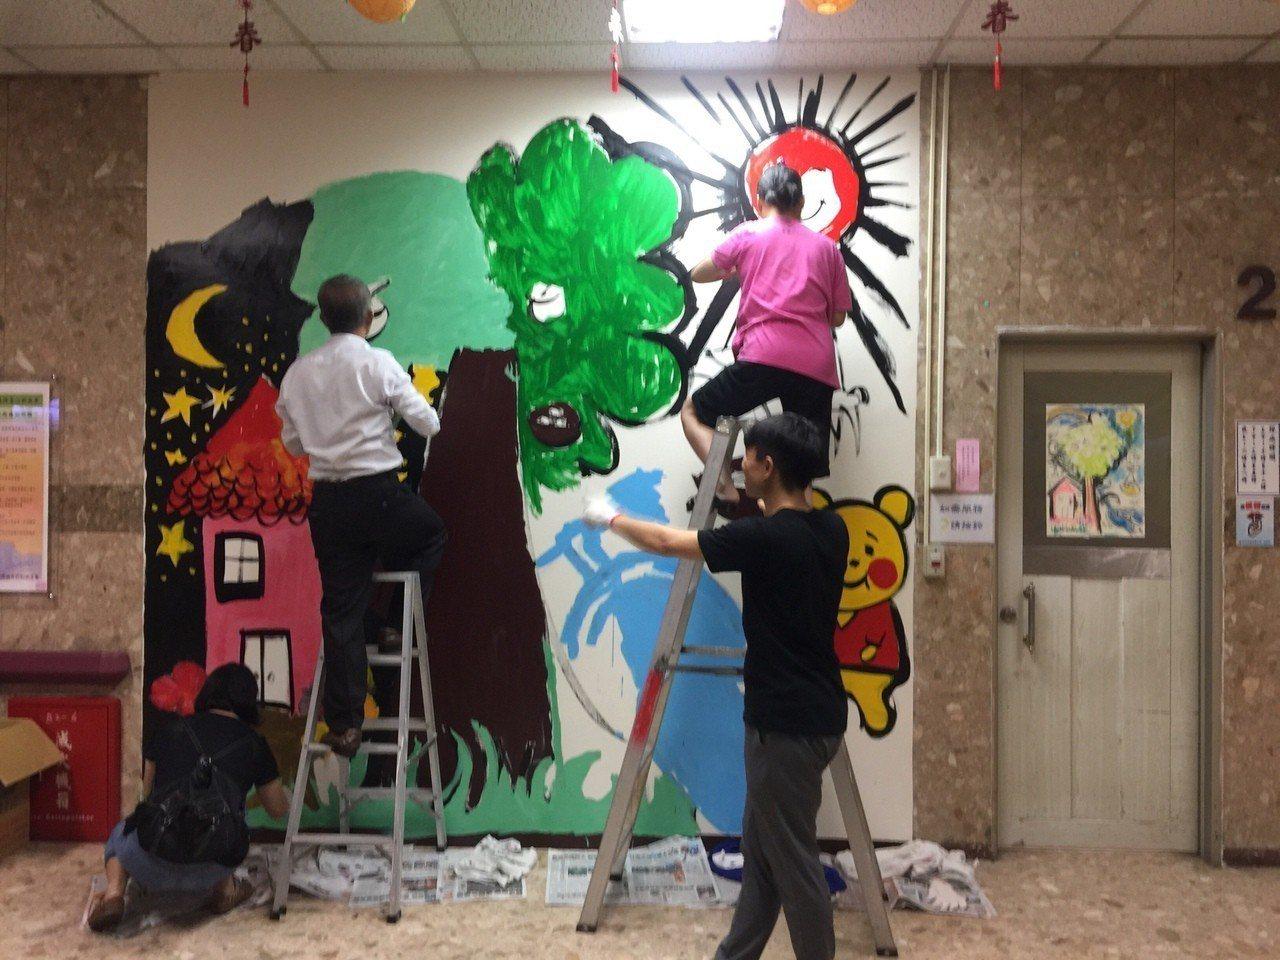 患者牆壁作畫 盼驅逐隔閡、帶來更多的理解